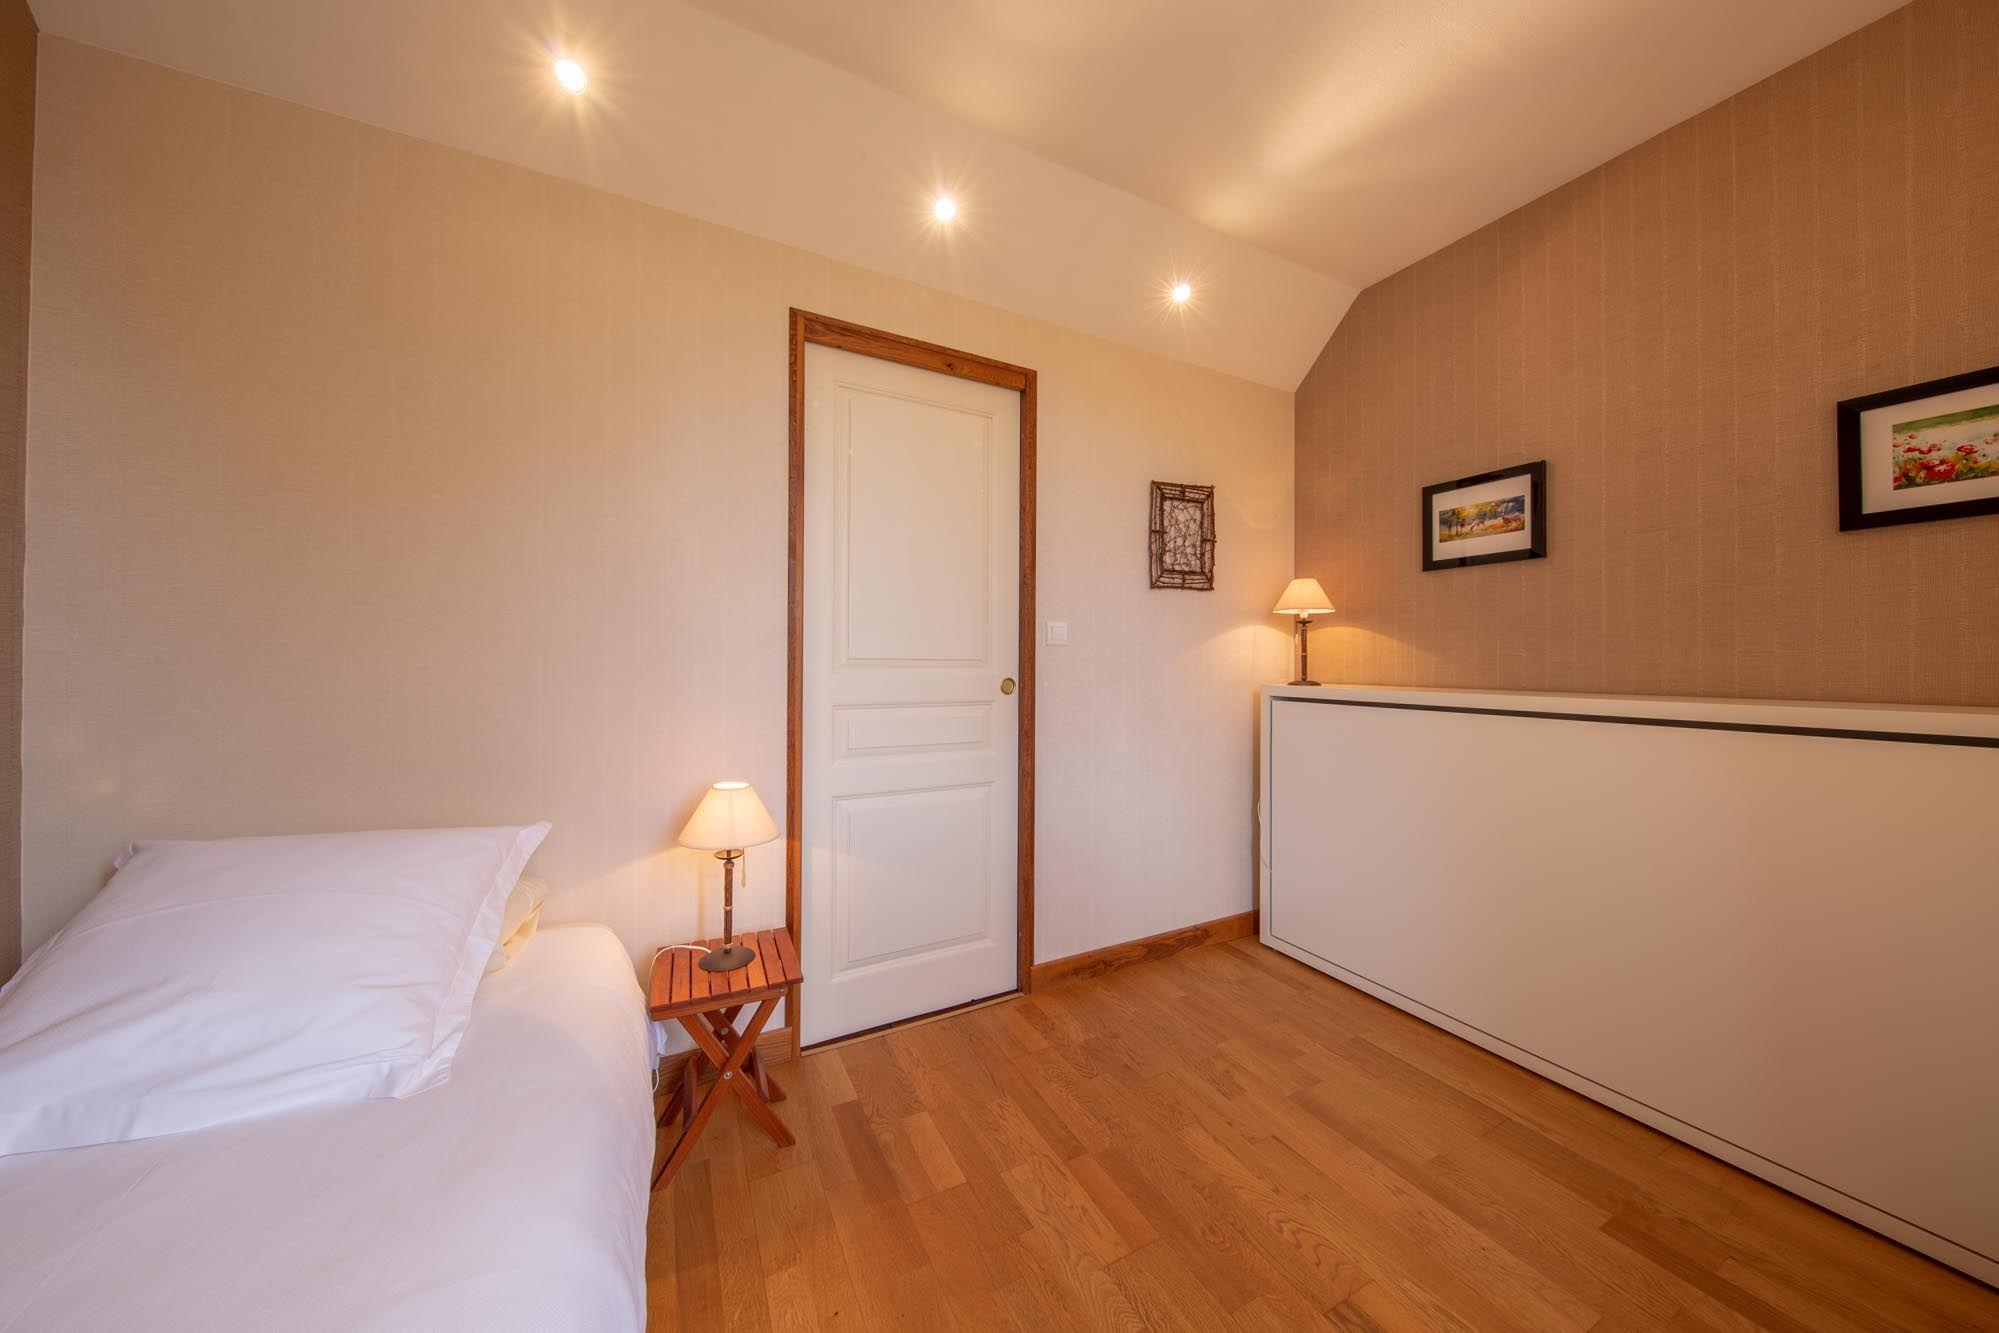 Dans la petite chambre annexe, possibilité de basculer un lit escamotable au même dimension  que le fixe (90X200)